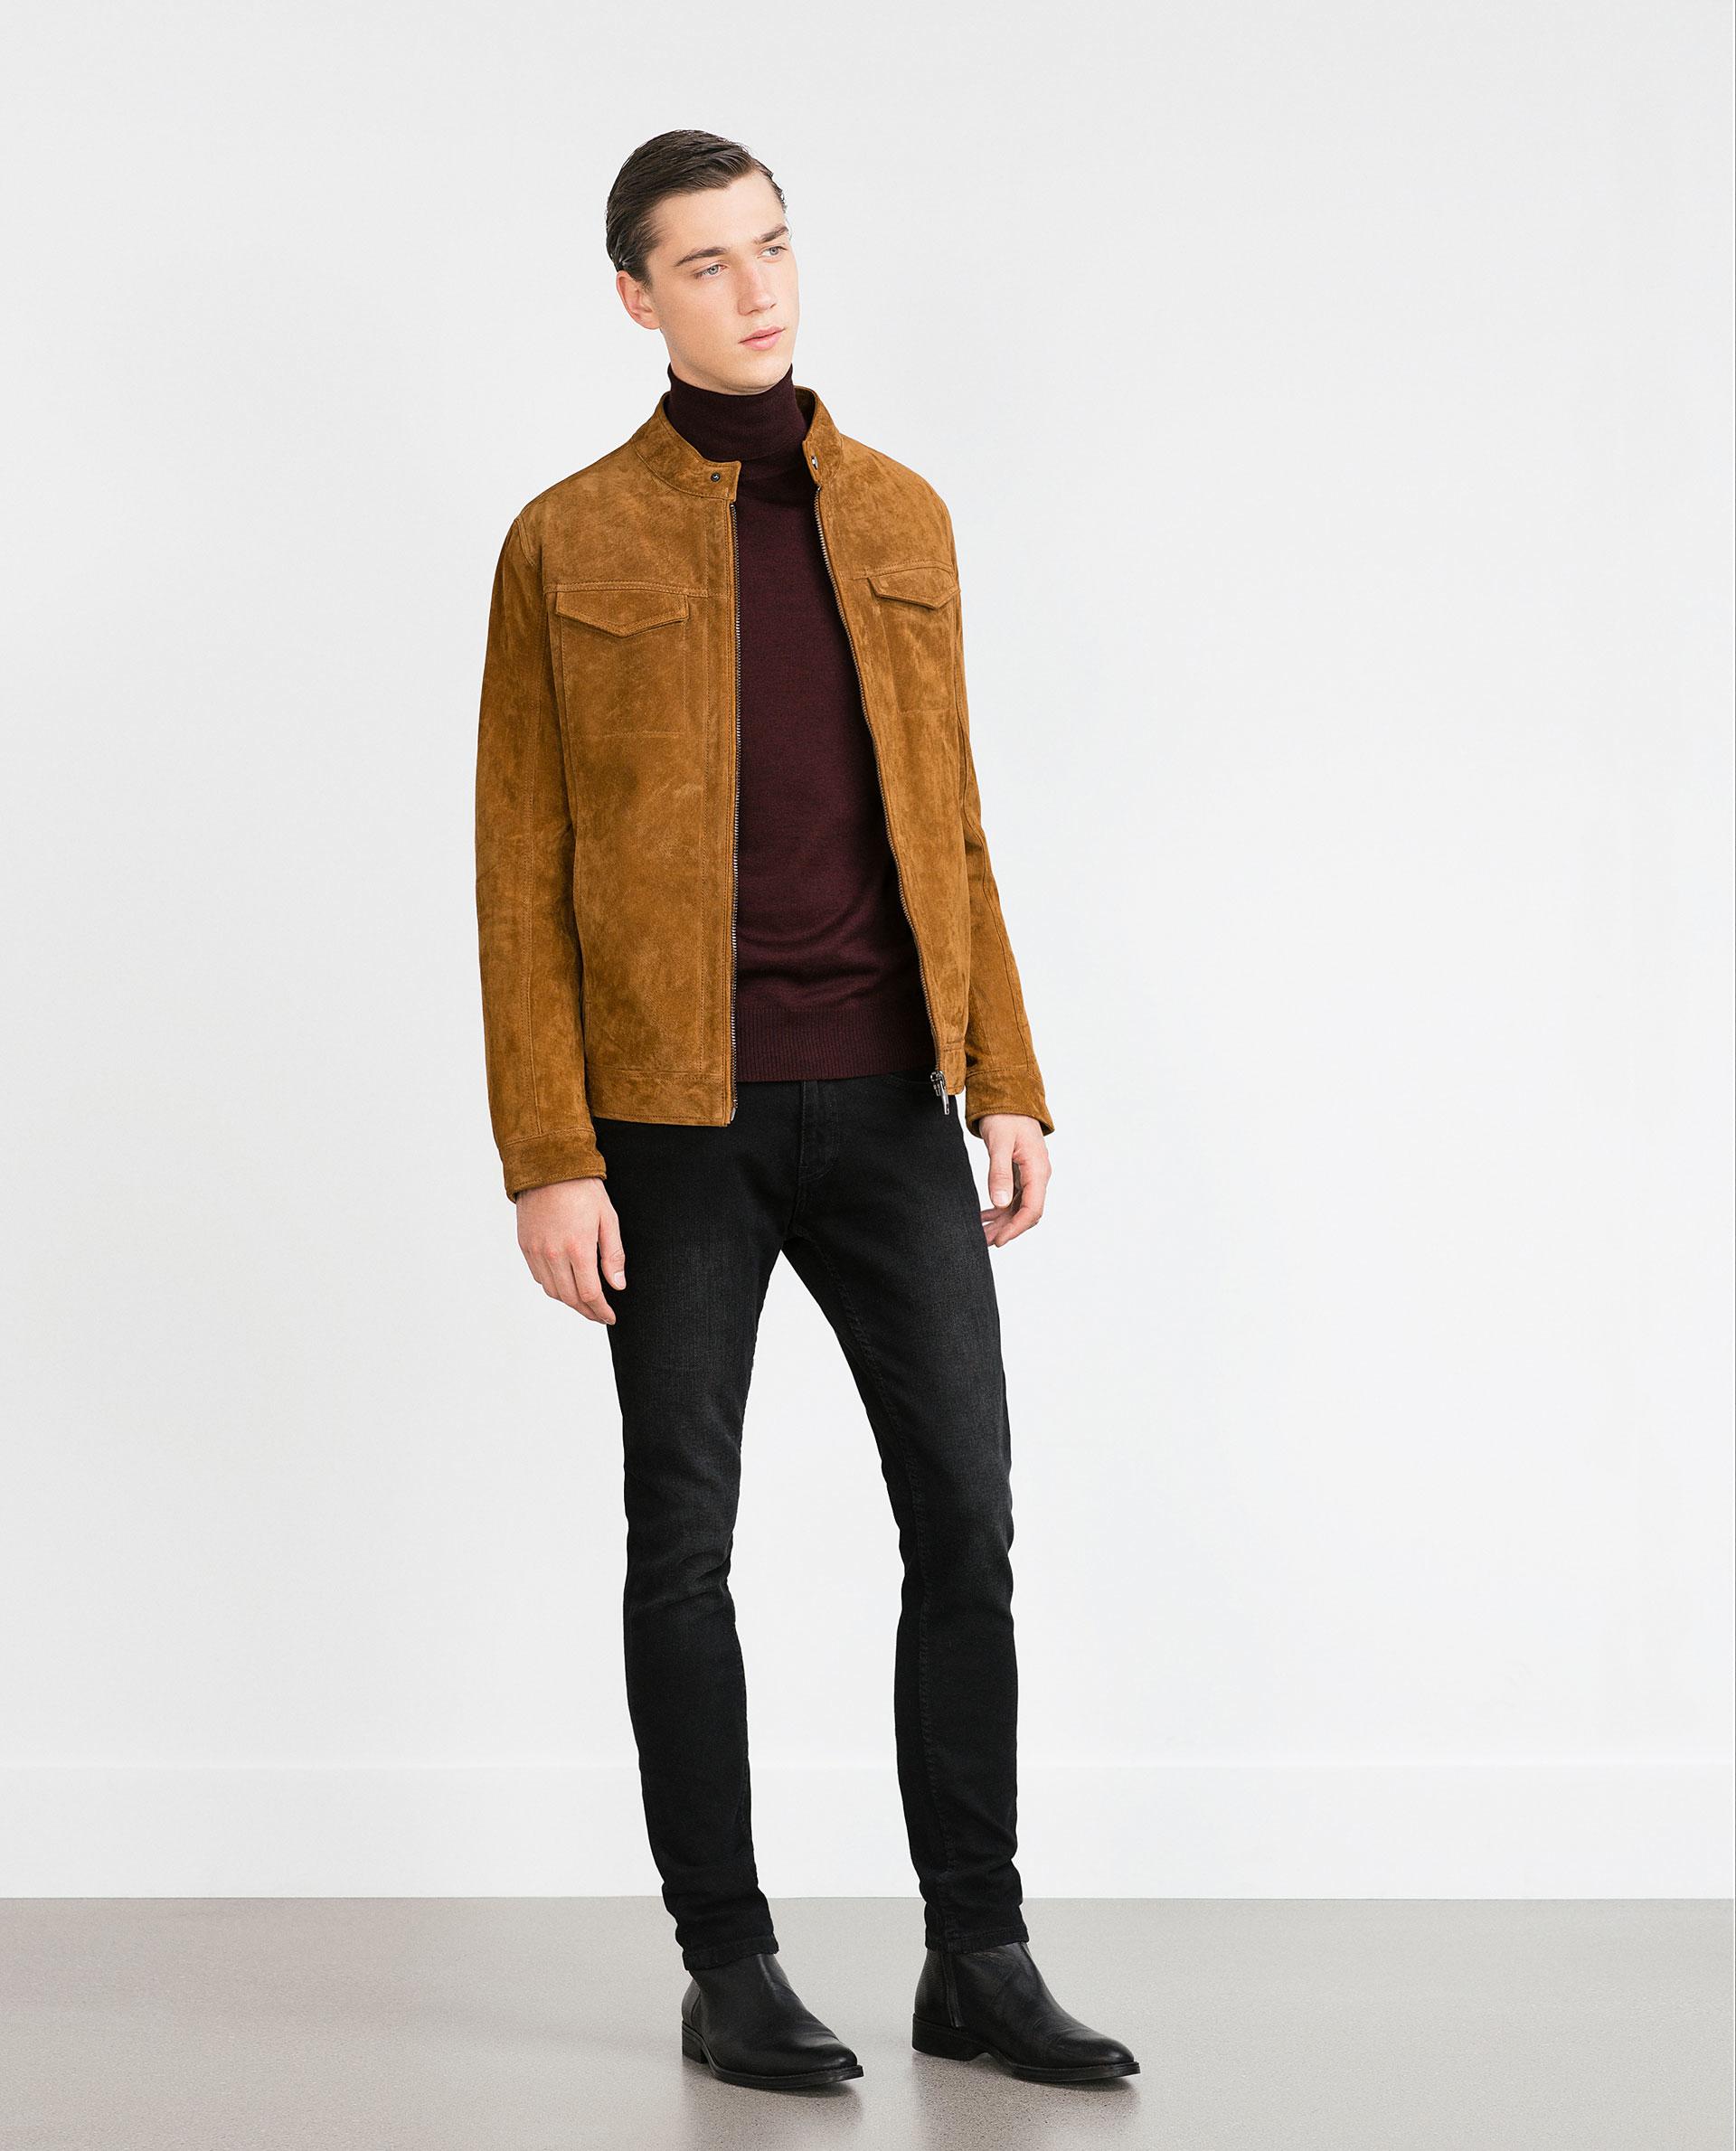 Mens jacket camel - Mens Jackets And Coats Zara